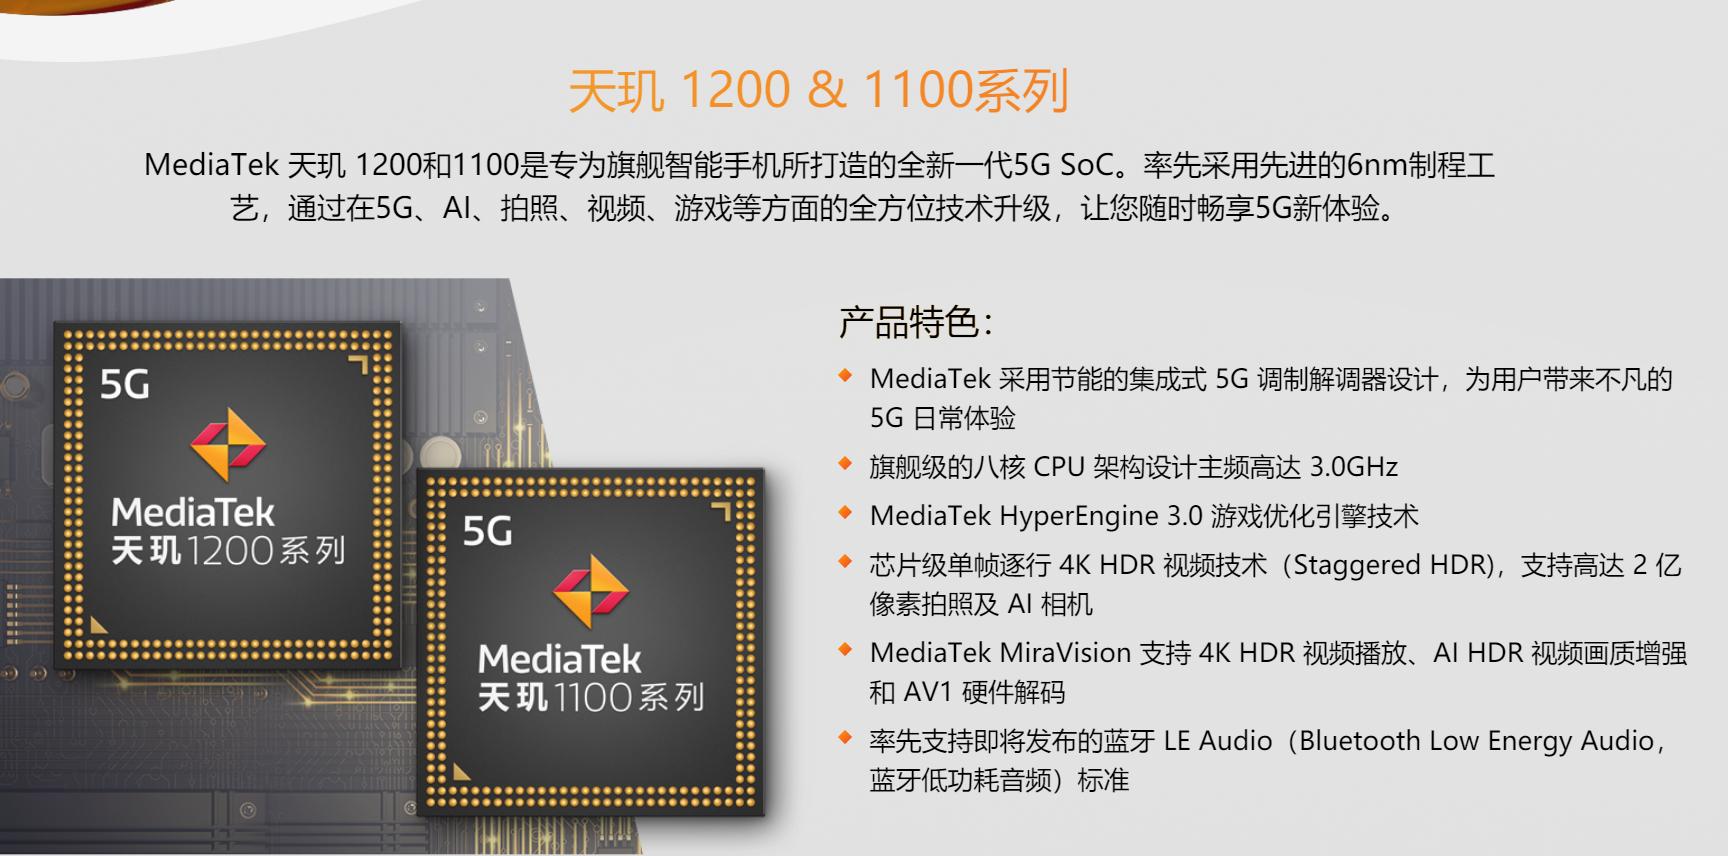 微信图片_20210120160558.png